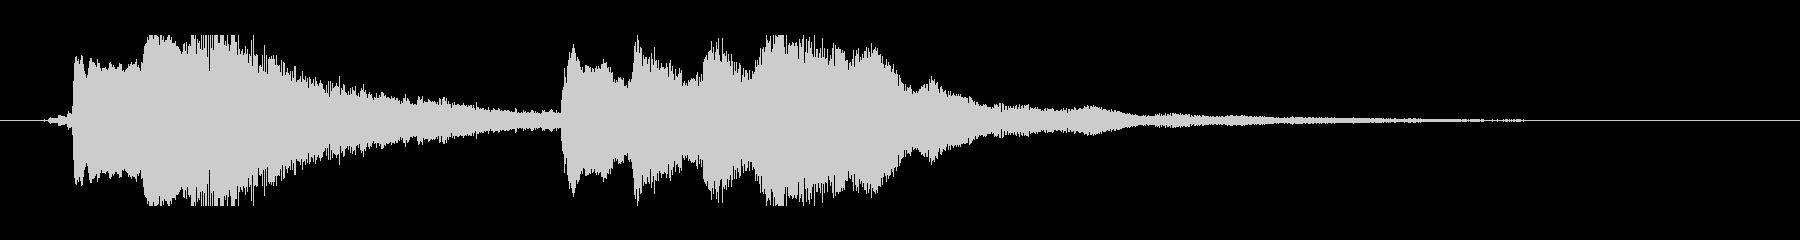 ジングル、サウンドロゴ、切ない、ハープの未再生の波形